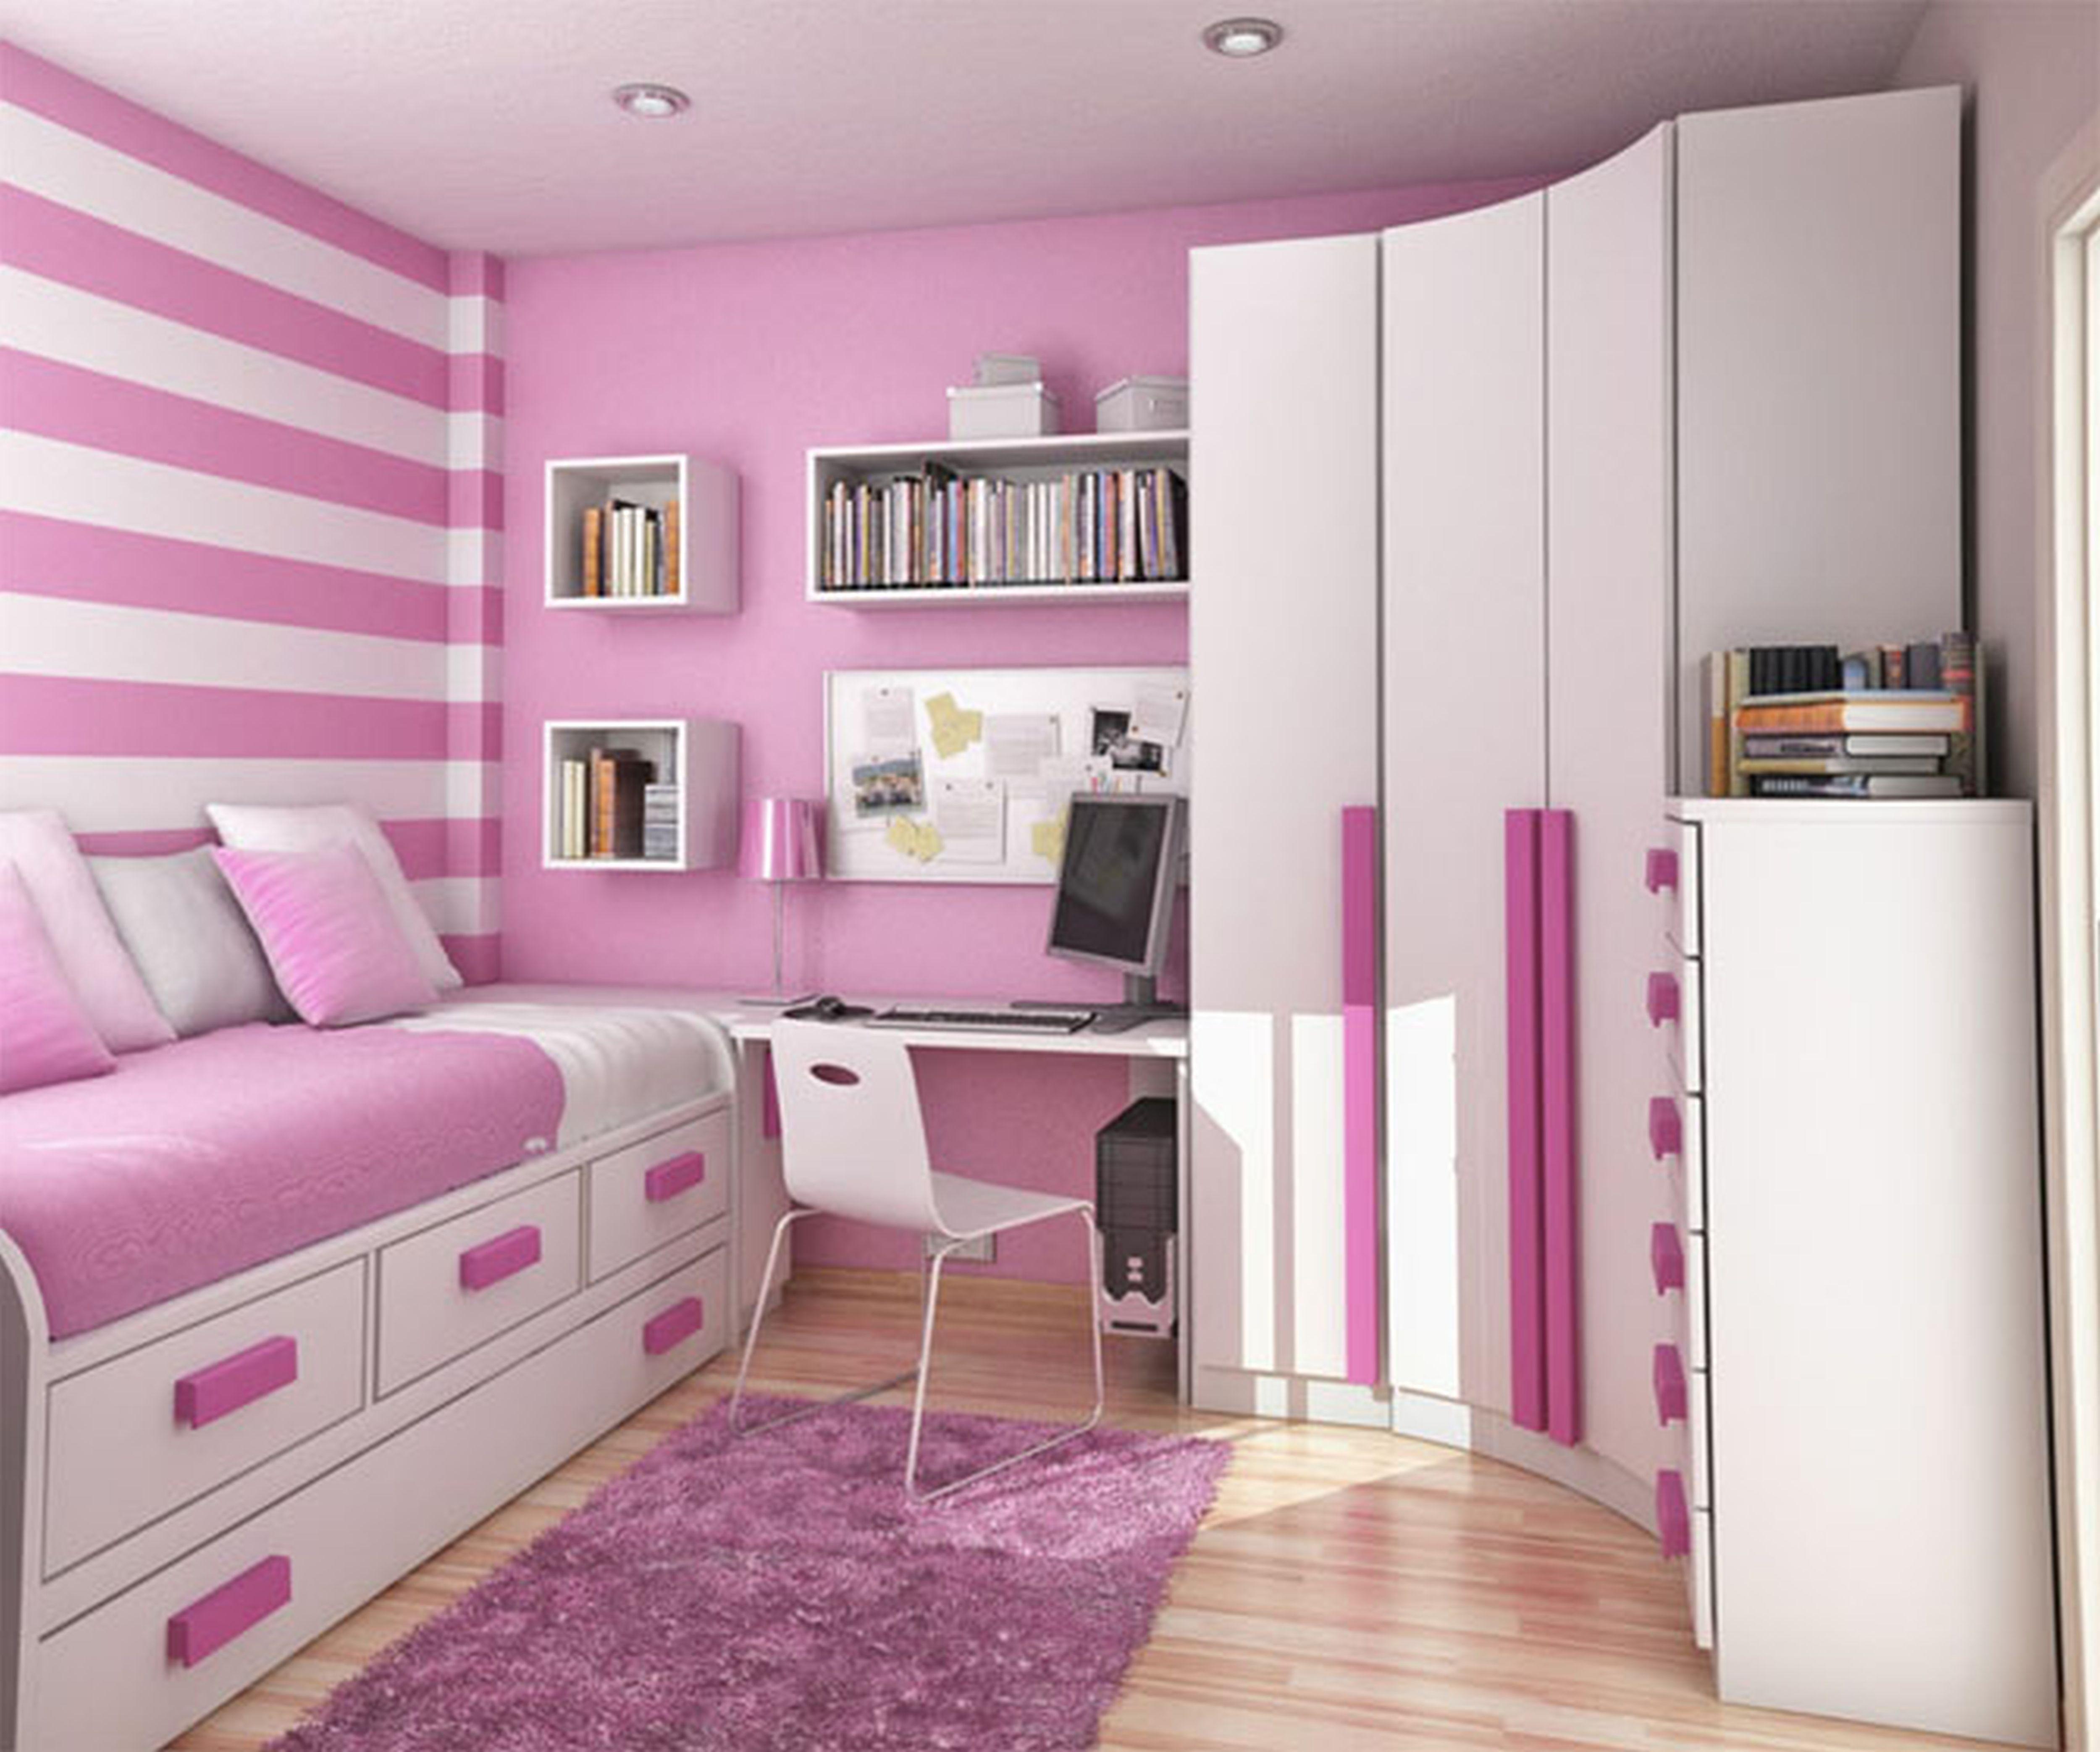 Licht Rosa Farbe Für Schlafzimmer #Schlafzimmer Komplett